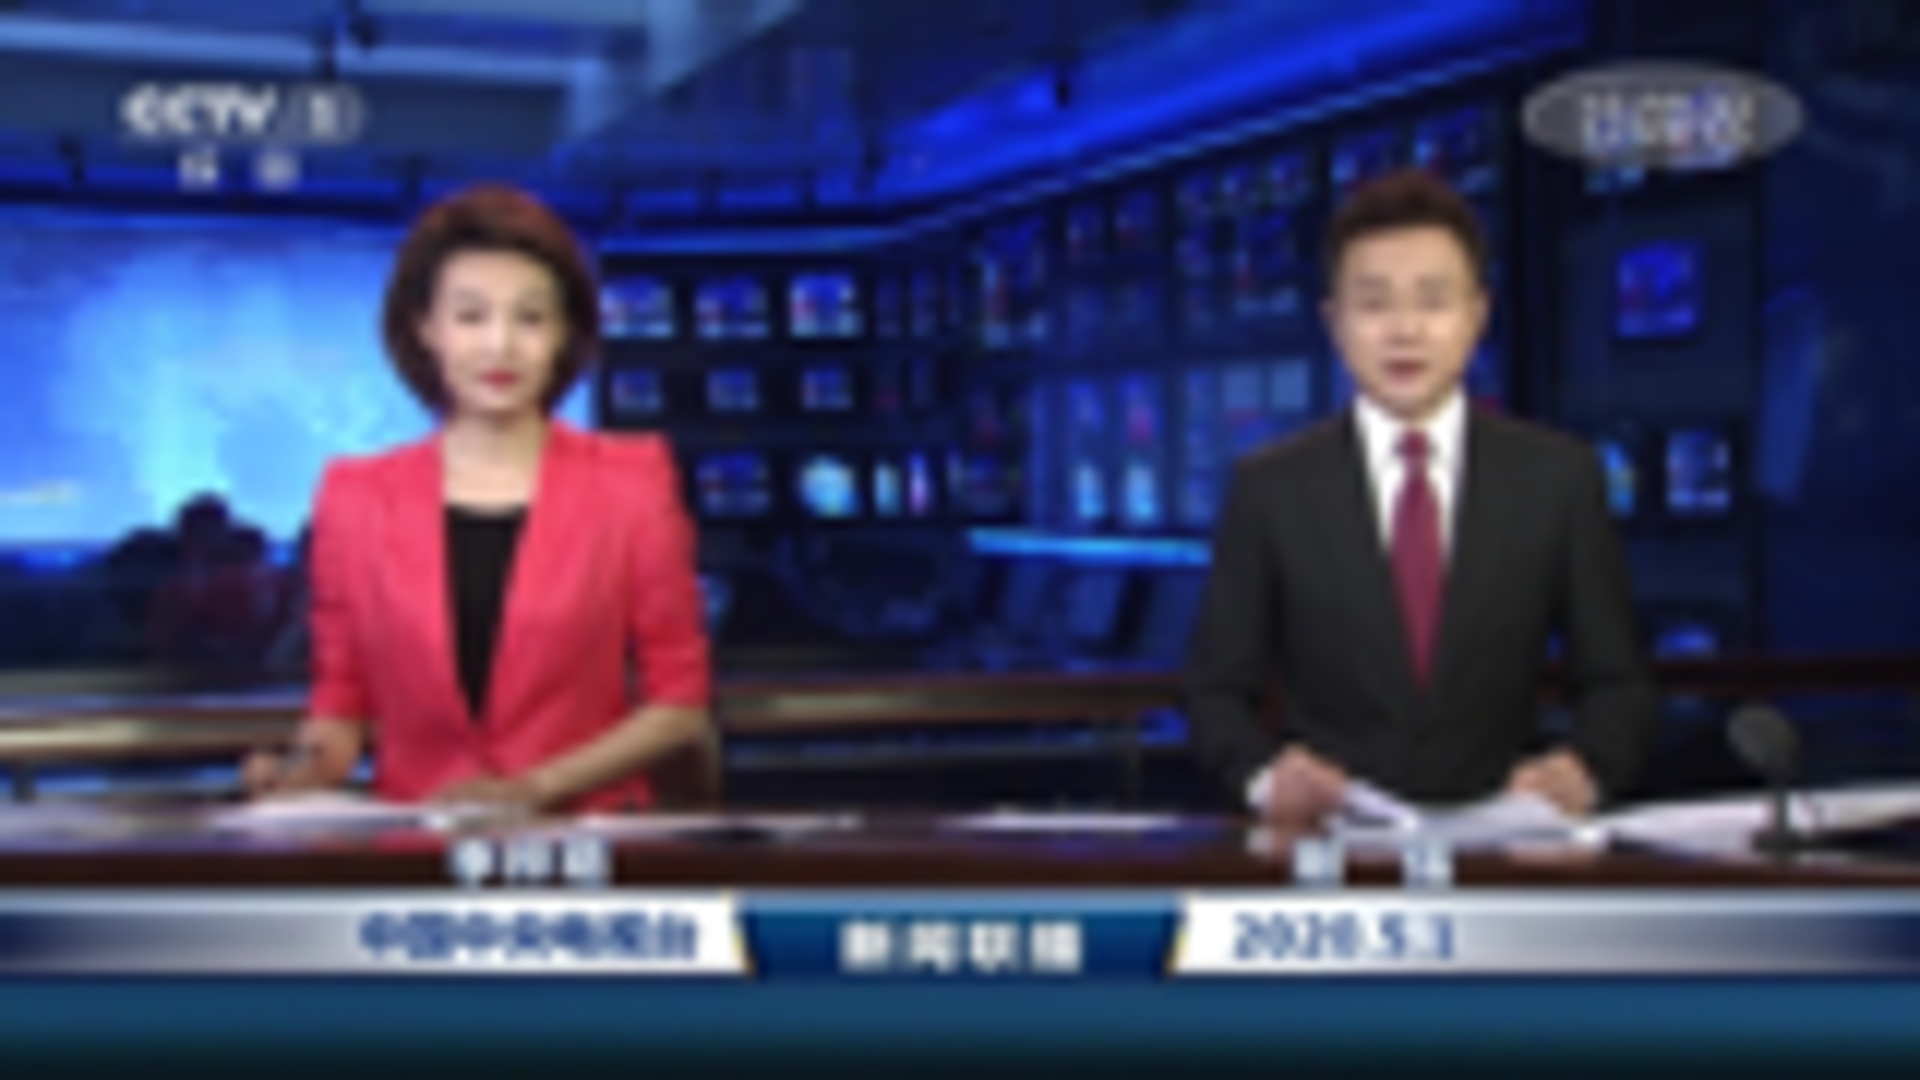 【放送文化】2020年5月1日五一劳动节当天的新闻联播片头